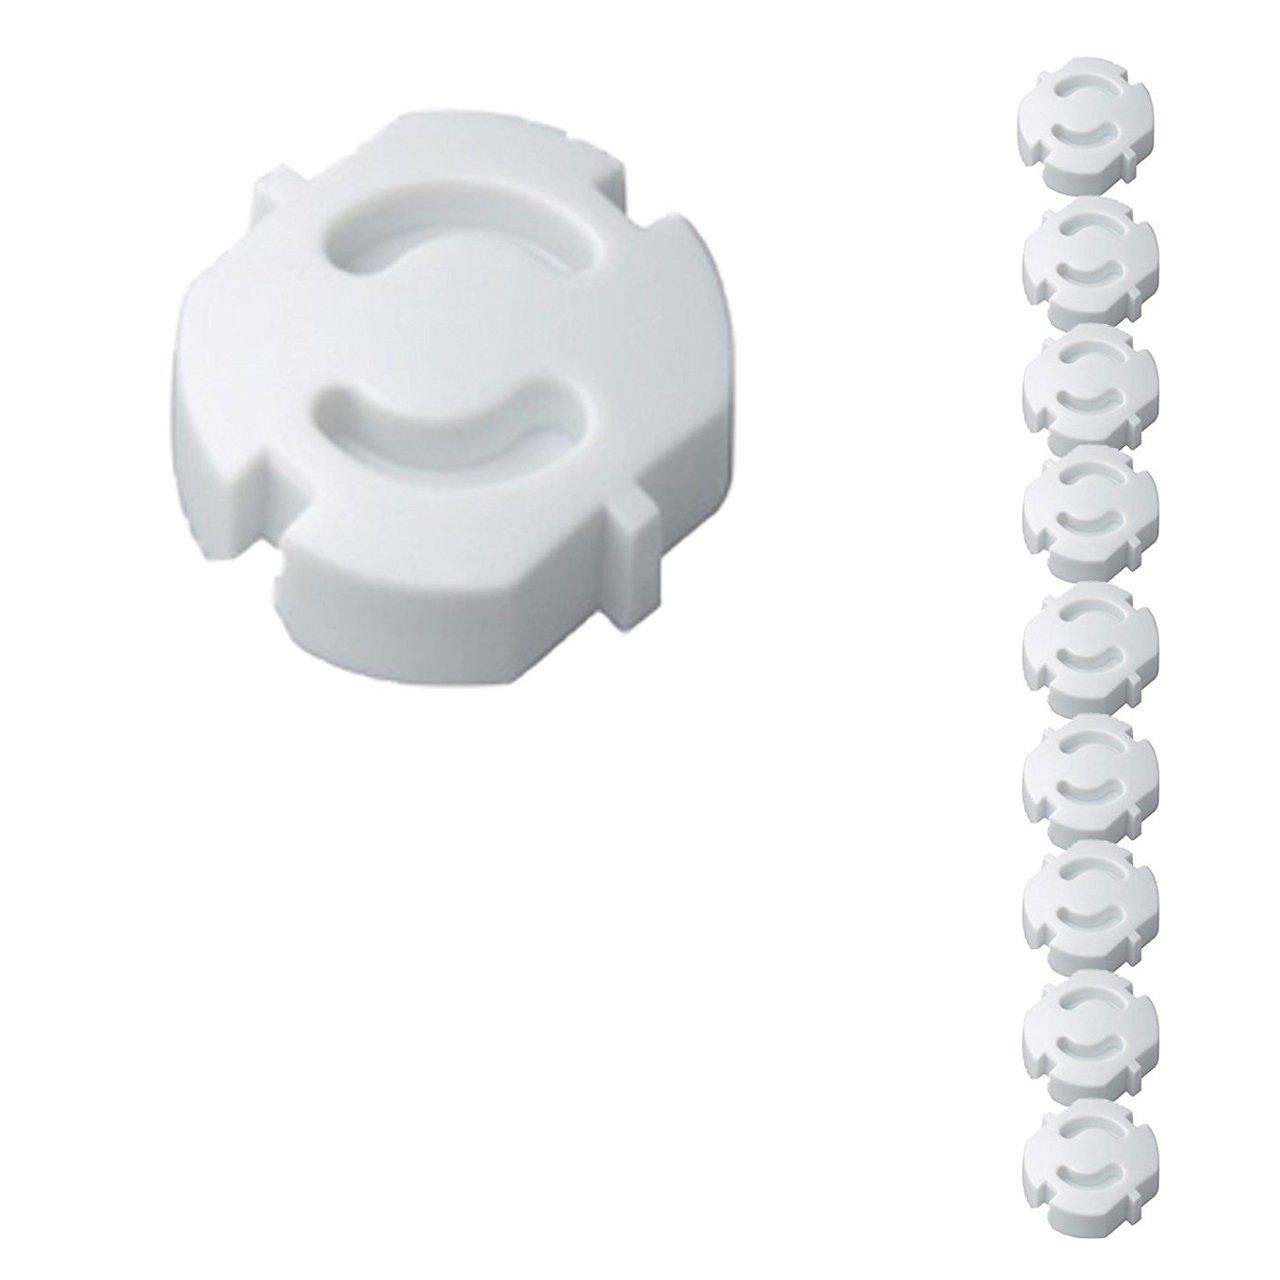 10er Pack H+H KS 6 Steckdosensicherung weiß zum Einstecken